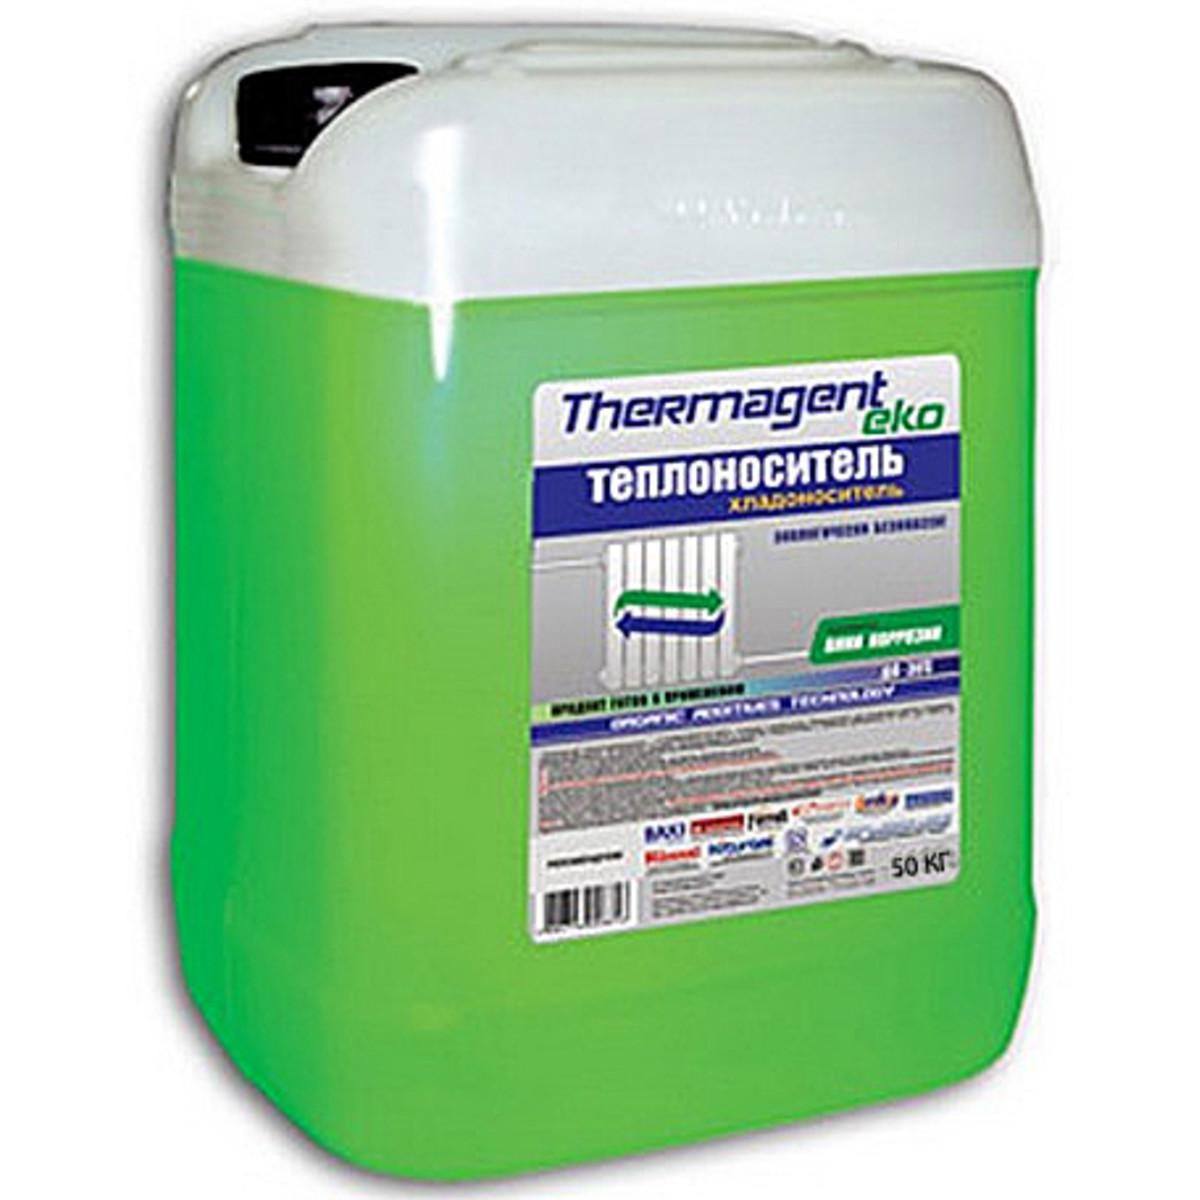 Теплоноситель  Thermagent EKO-30 50 кг